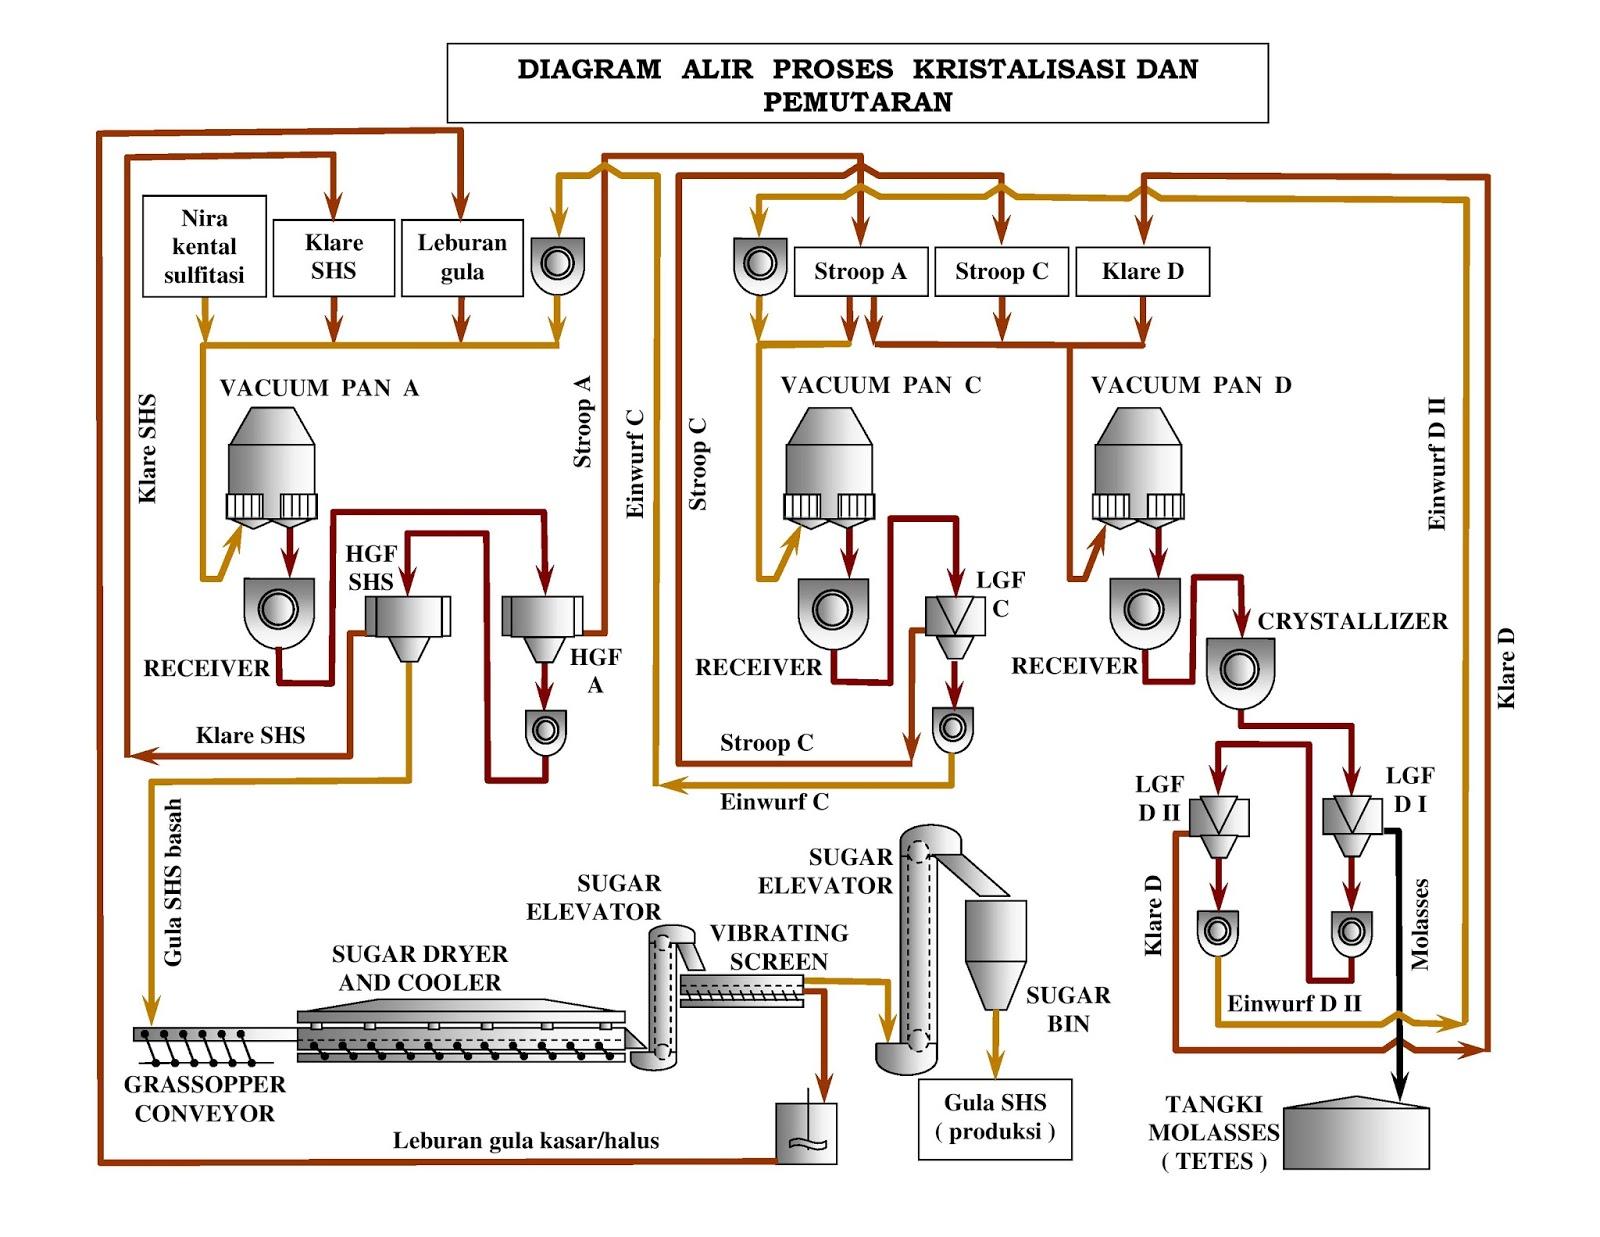 Proses pembuatan gula tebu proses pembuatan gula shs karena itu pabrik pabrik gula menggunakan cara pemanasan cara ini bekerja atas dasar prinsip aliran berlawanan dengan aliran udara panas ccuart Image collections